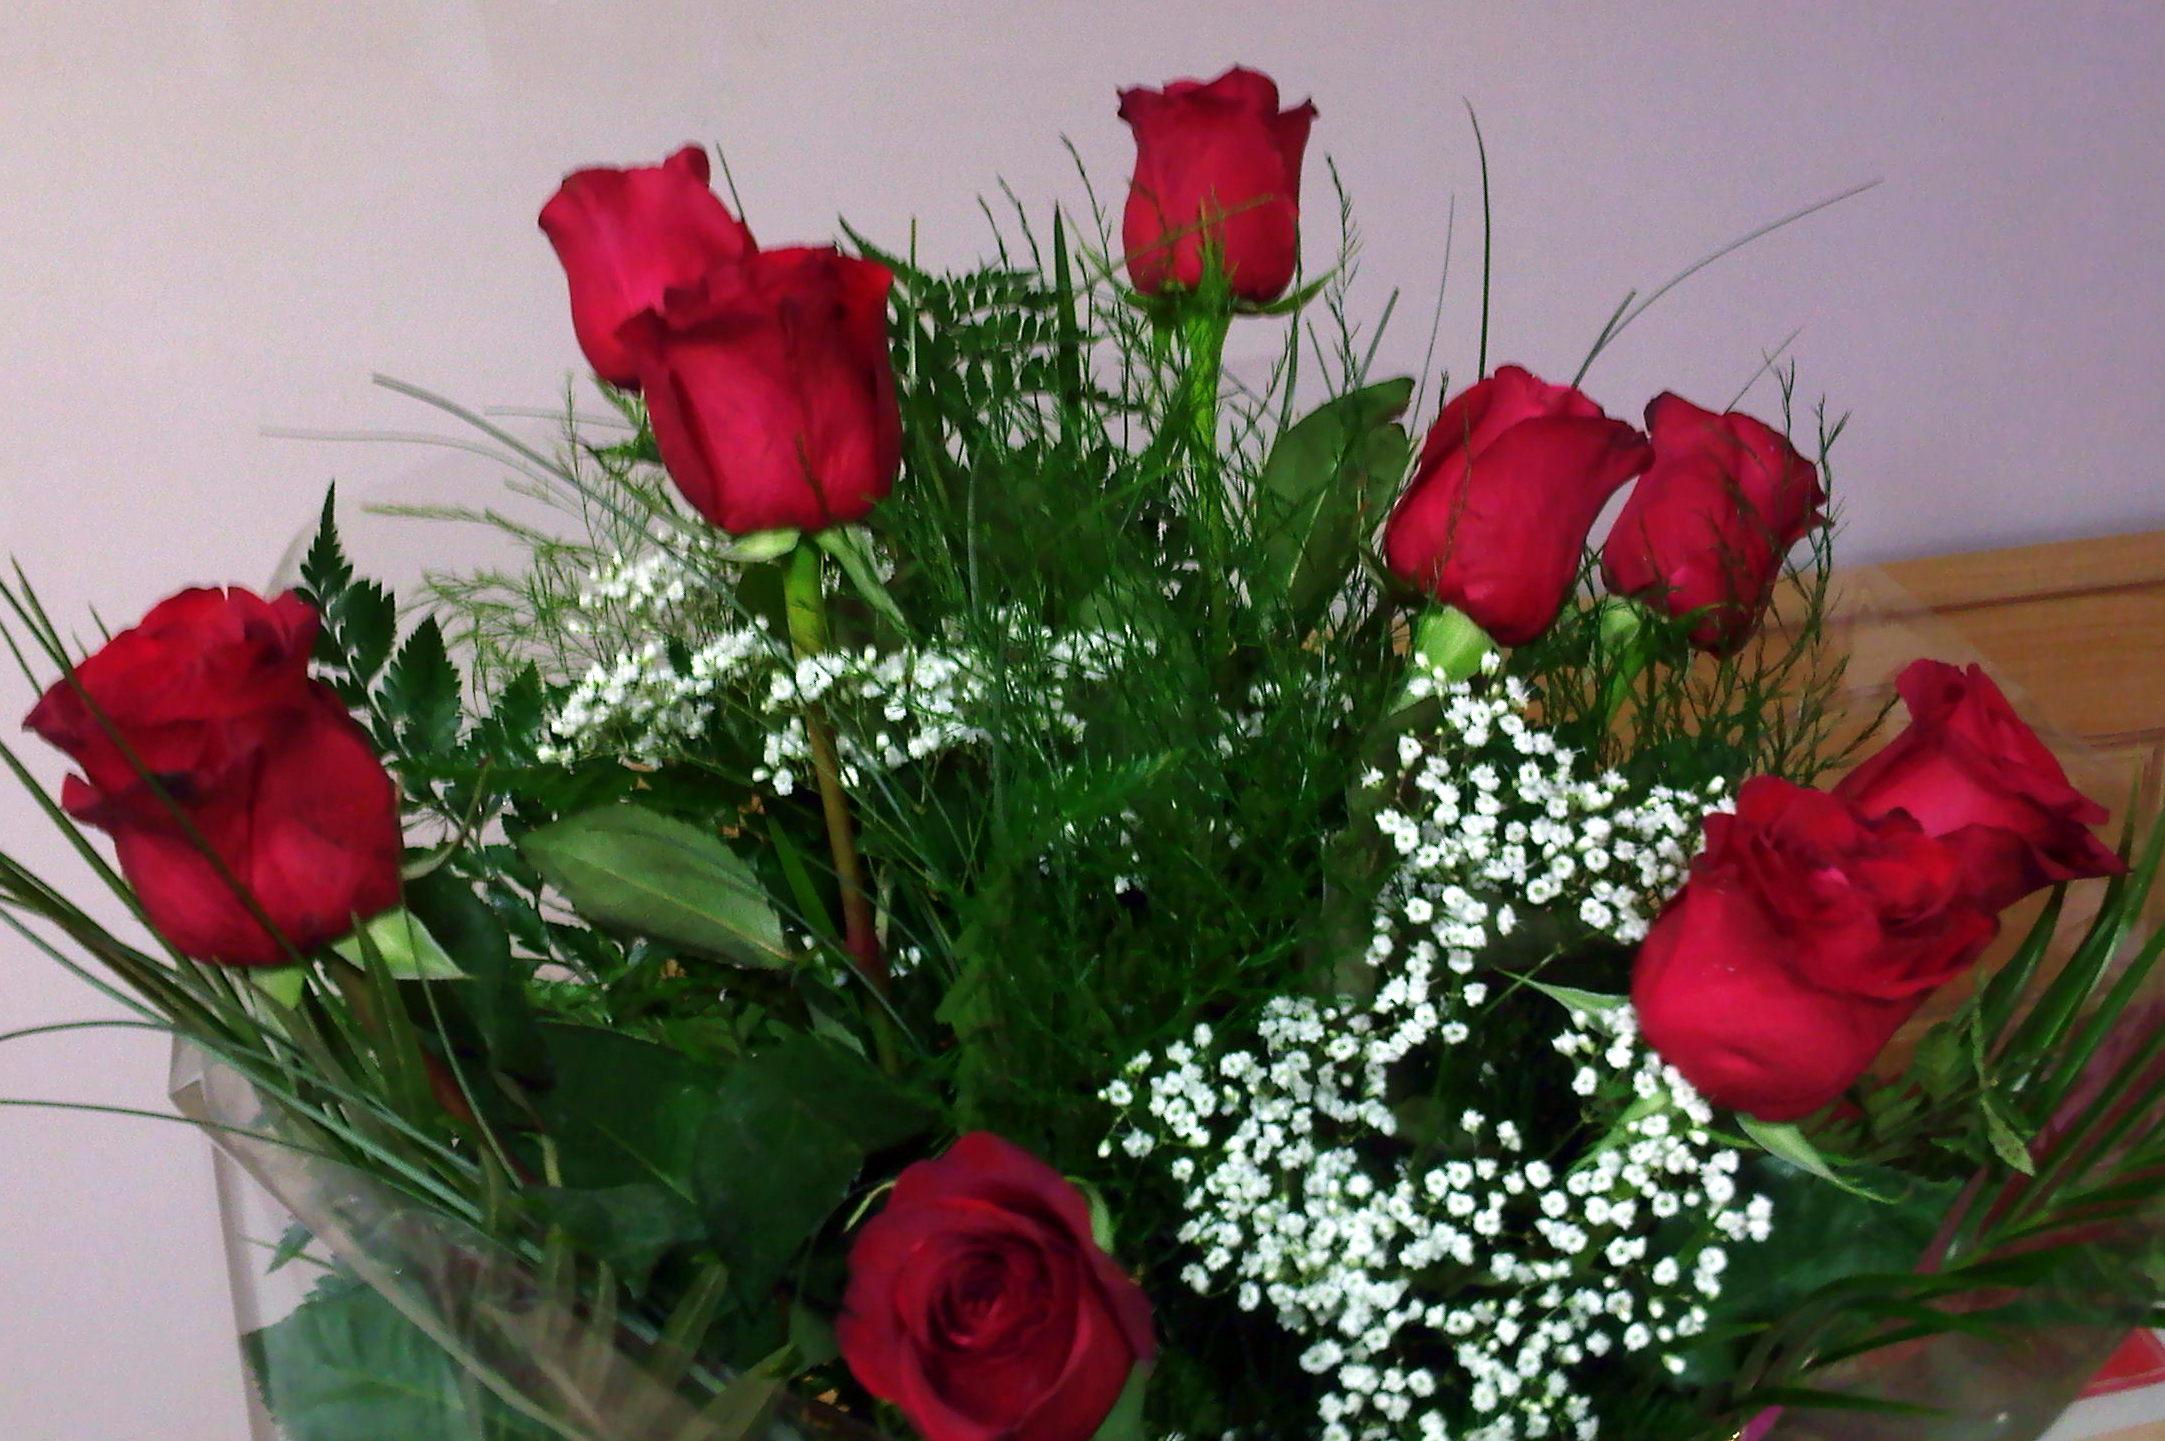 Casa facile felice mazzo rose rosse bouquet www for Quadri con rose rosse